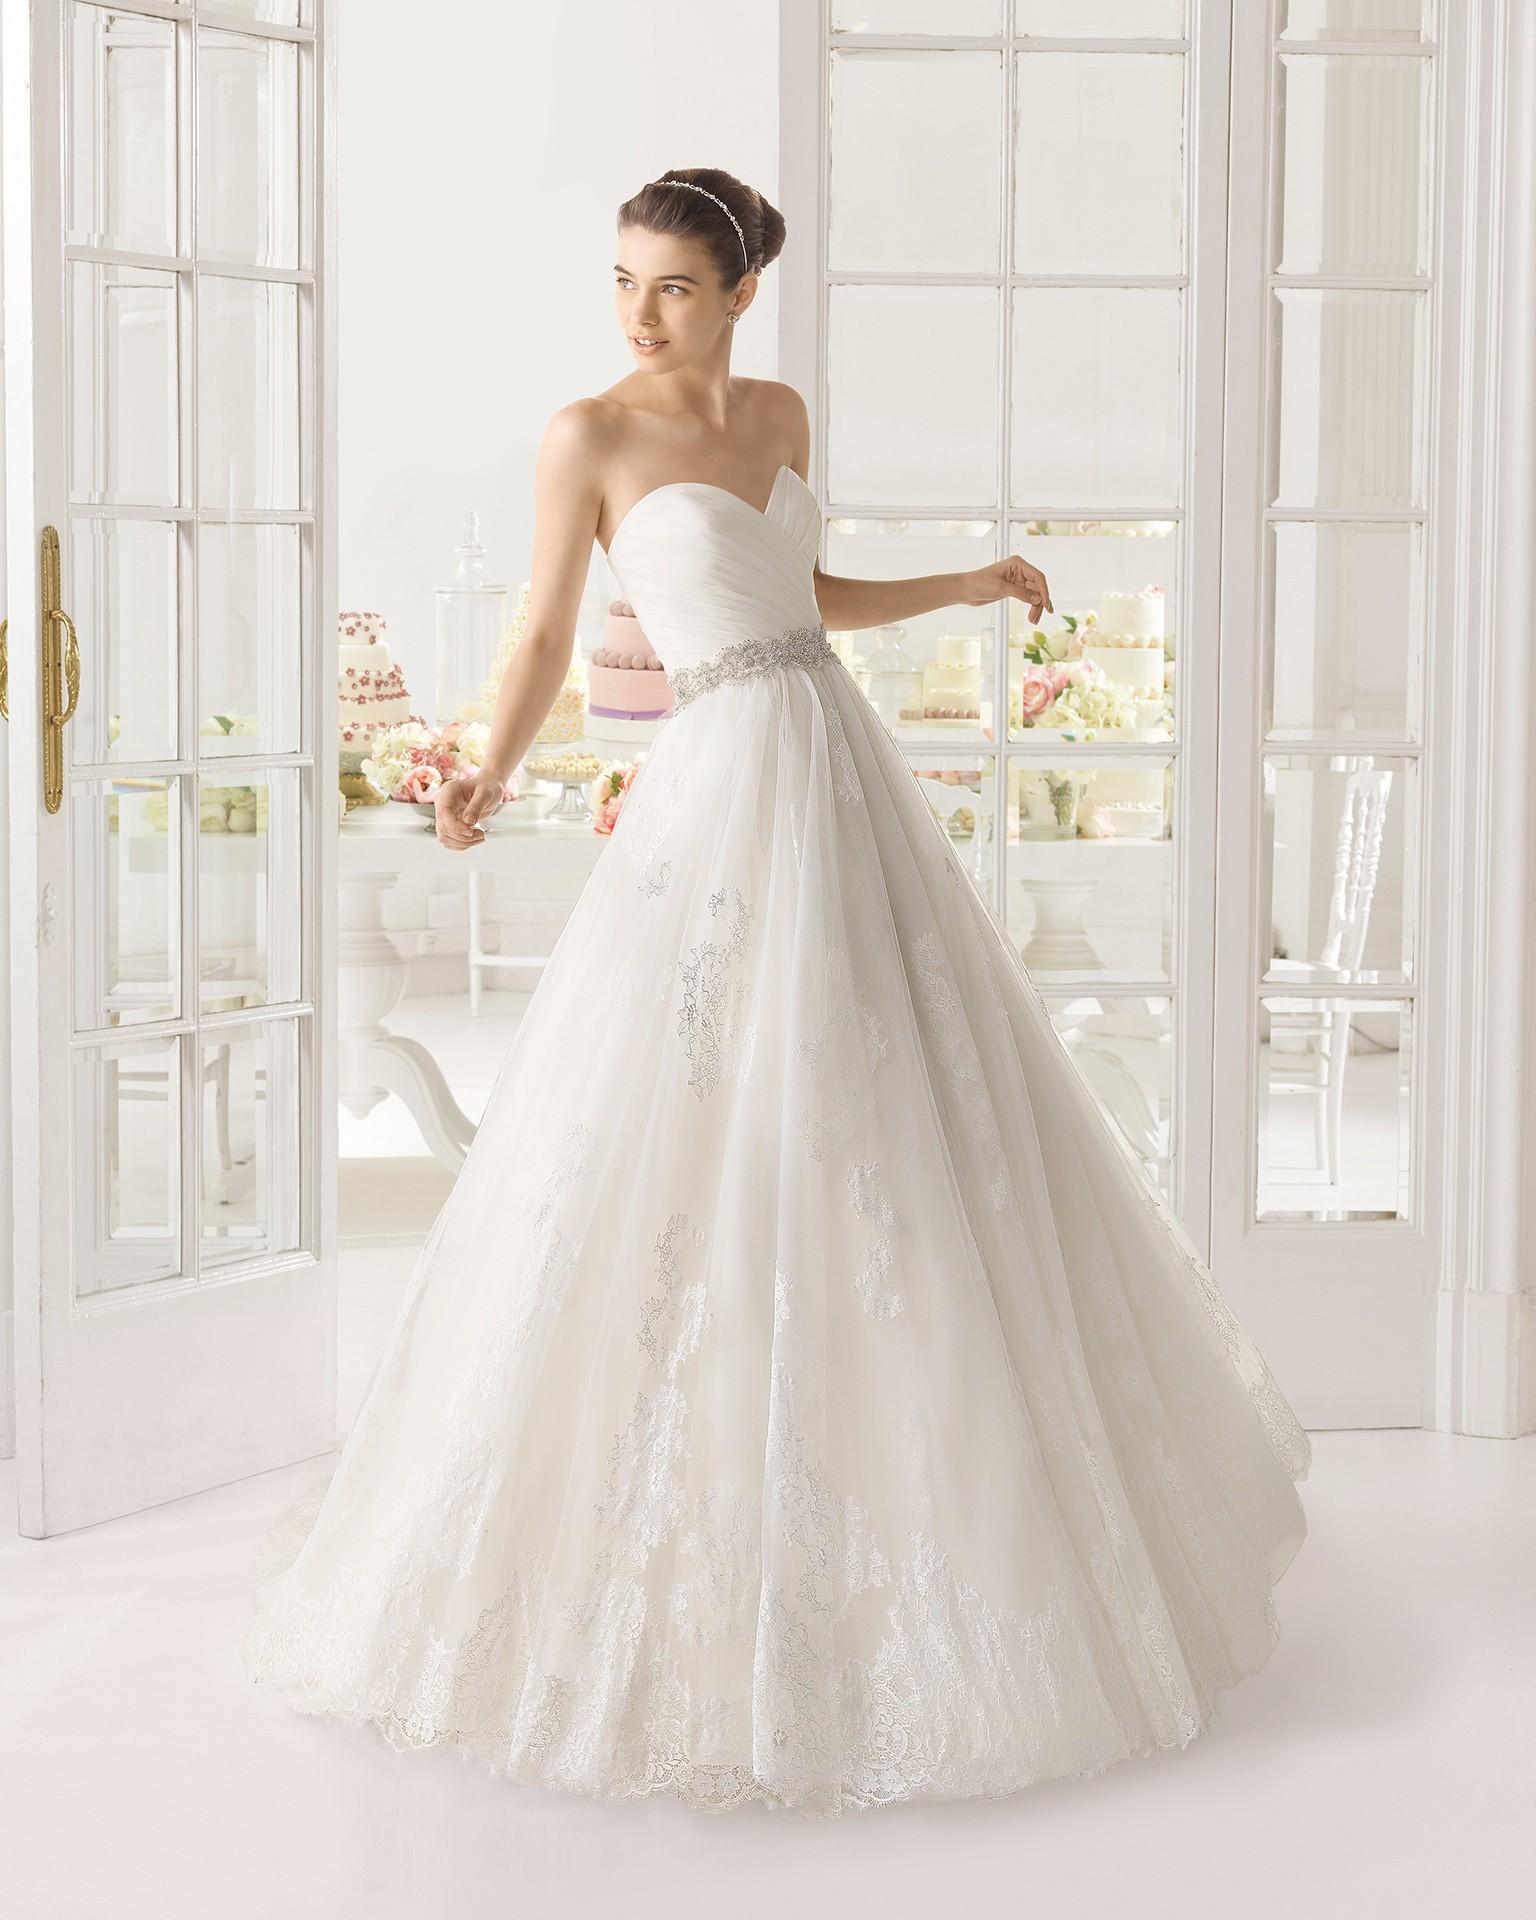 Precioso vestido de estilo princesa con encajes y pedrería. ¿Qué mas se puede pedir?